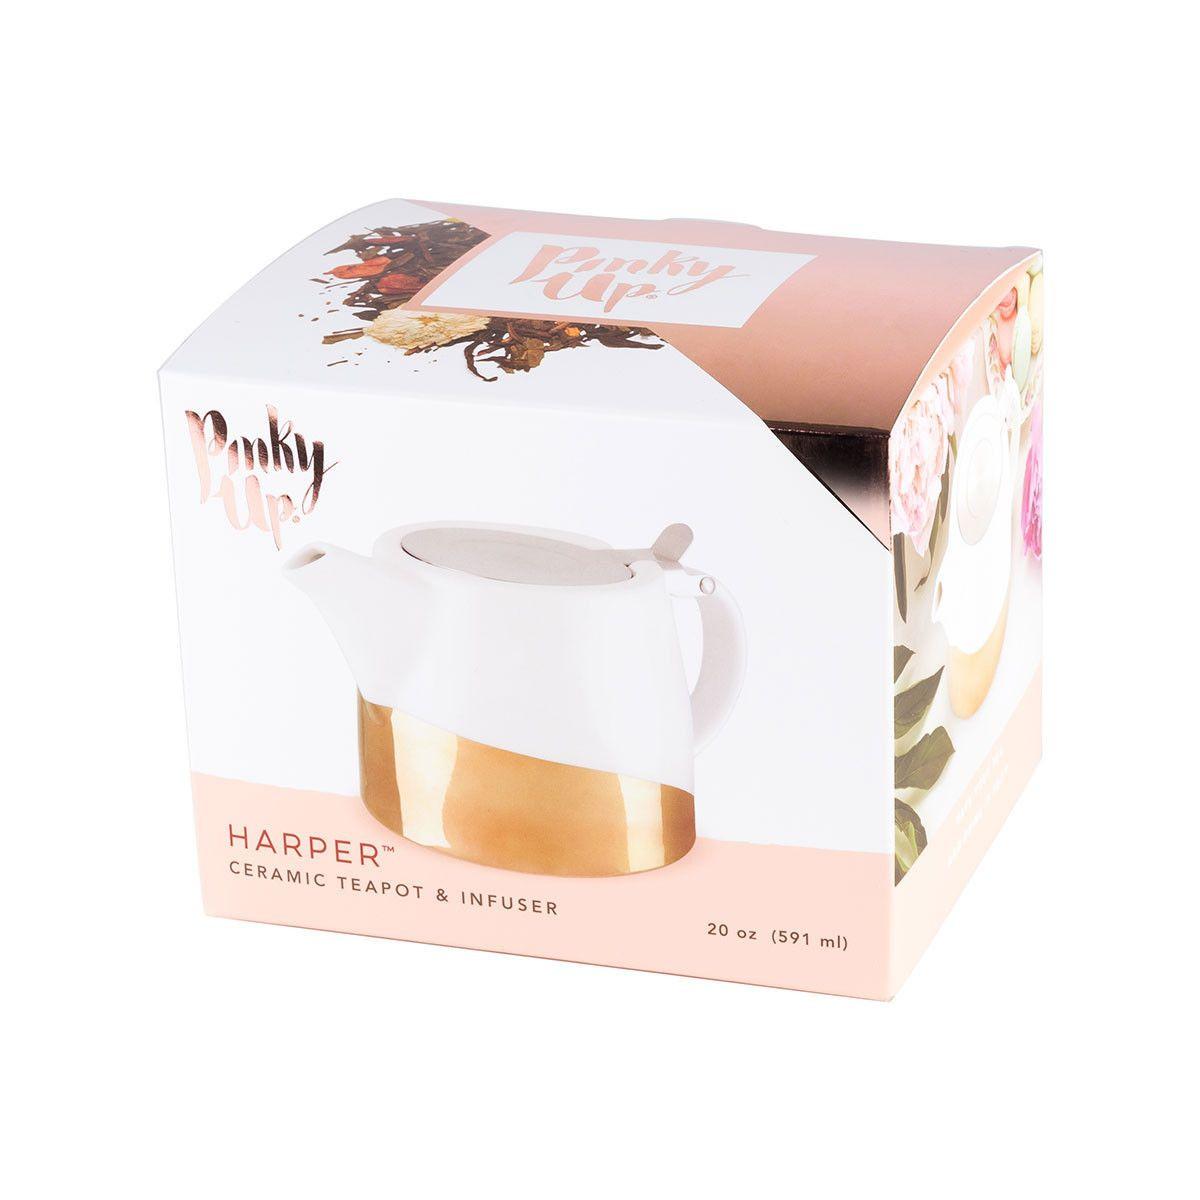 Harper Gold Dipped Ceramic Teekanne & Infuser